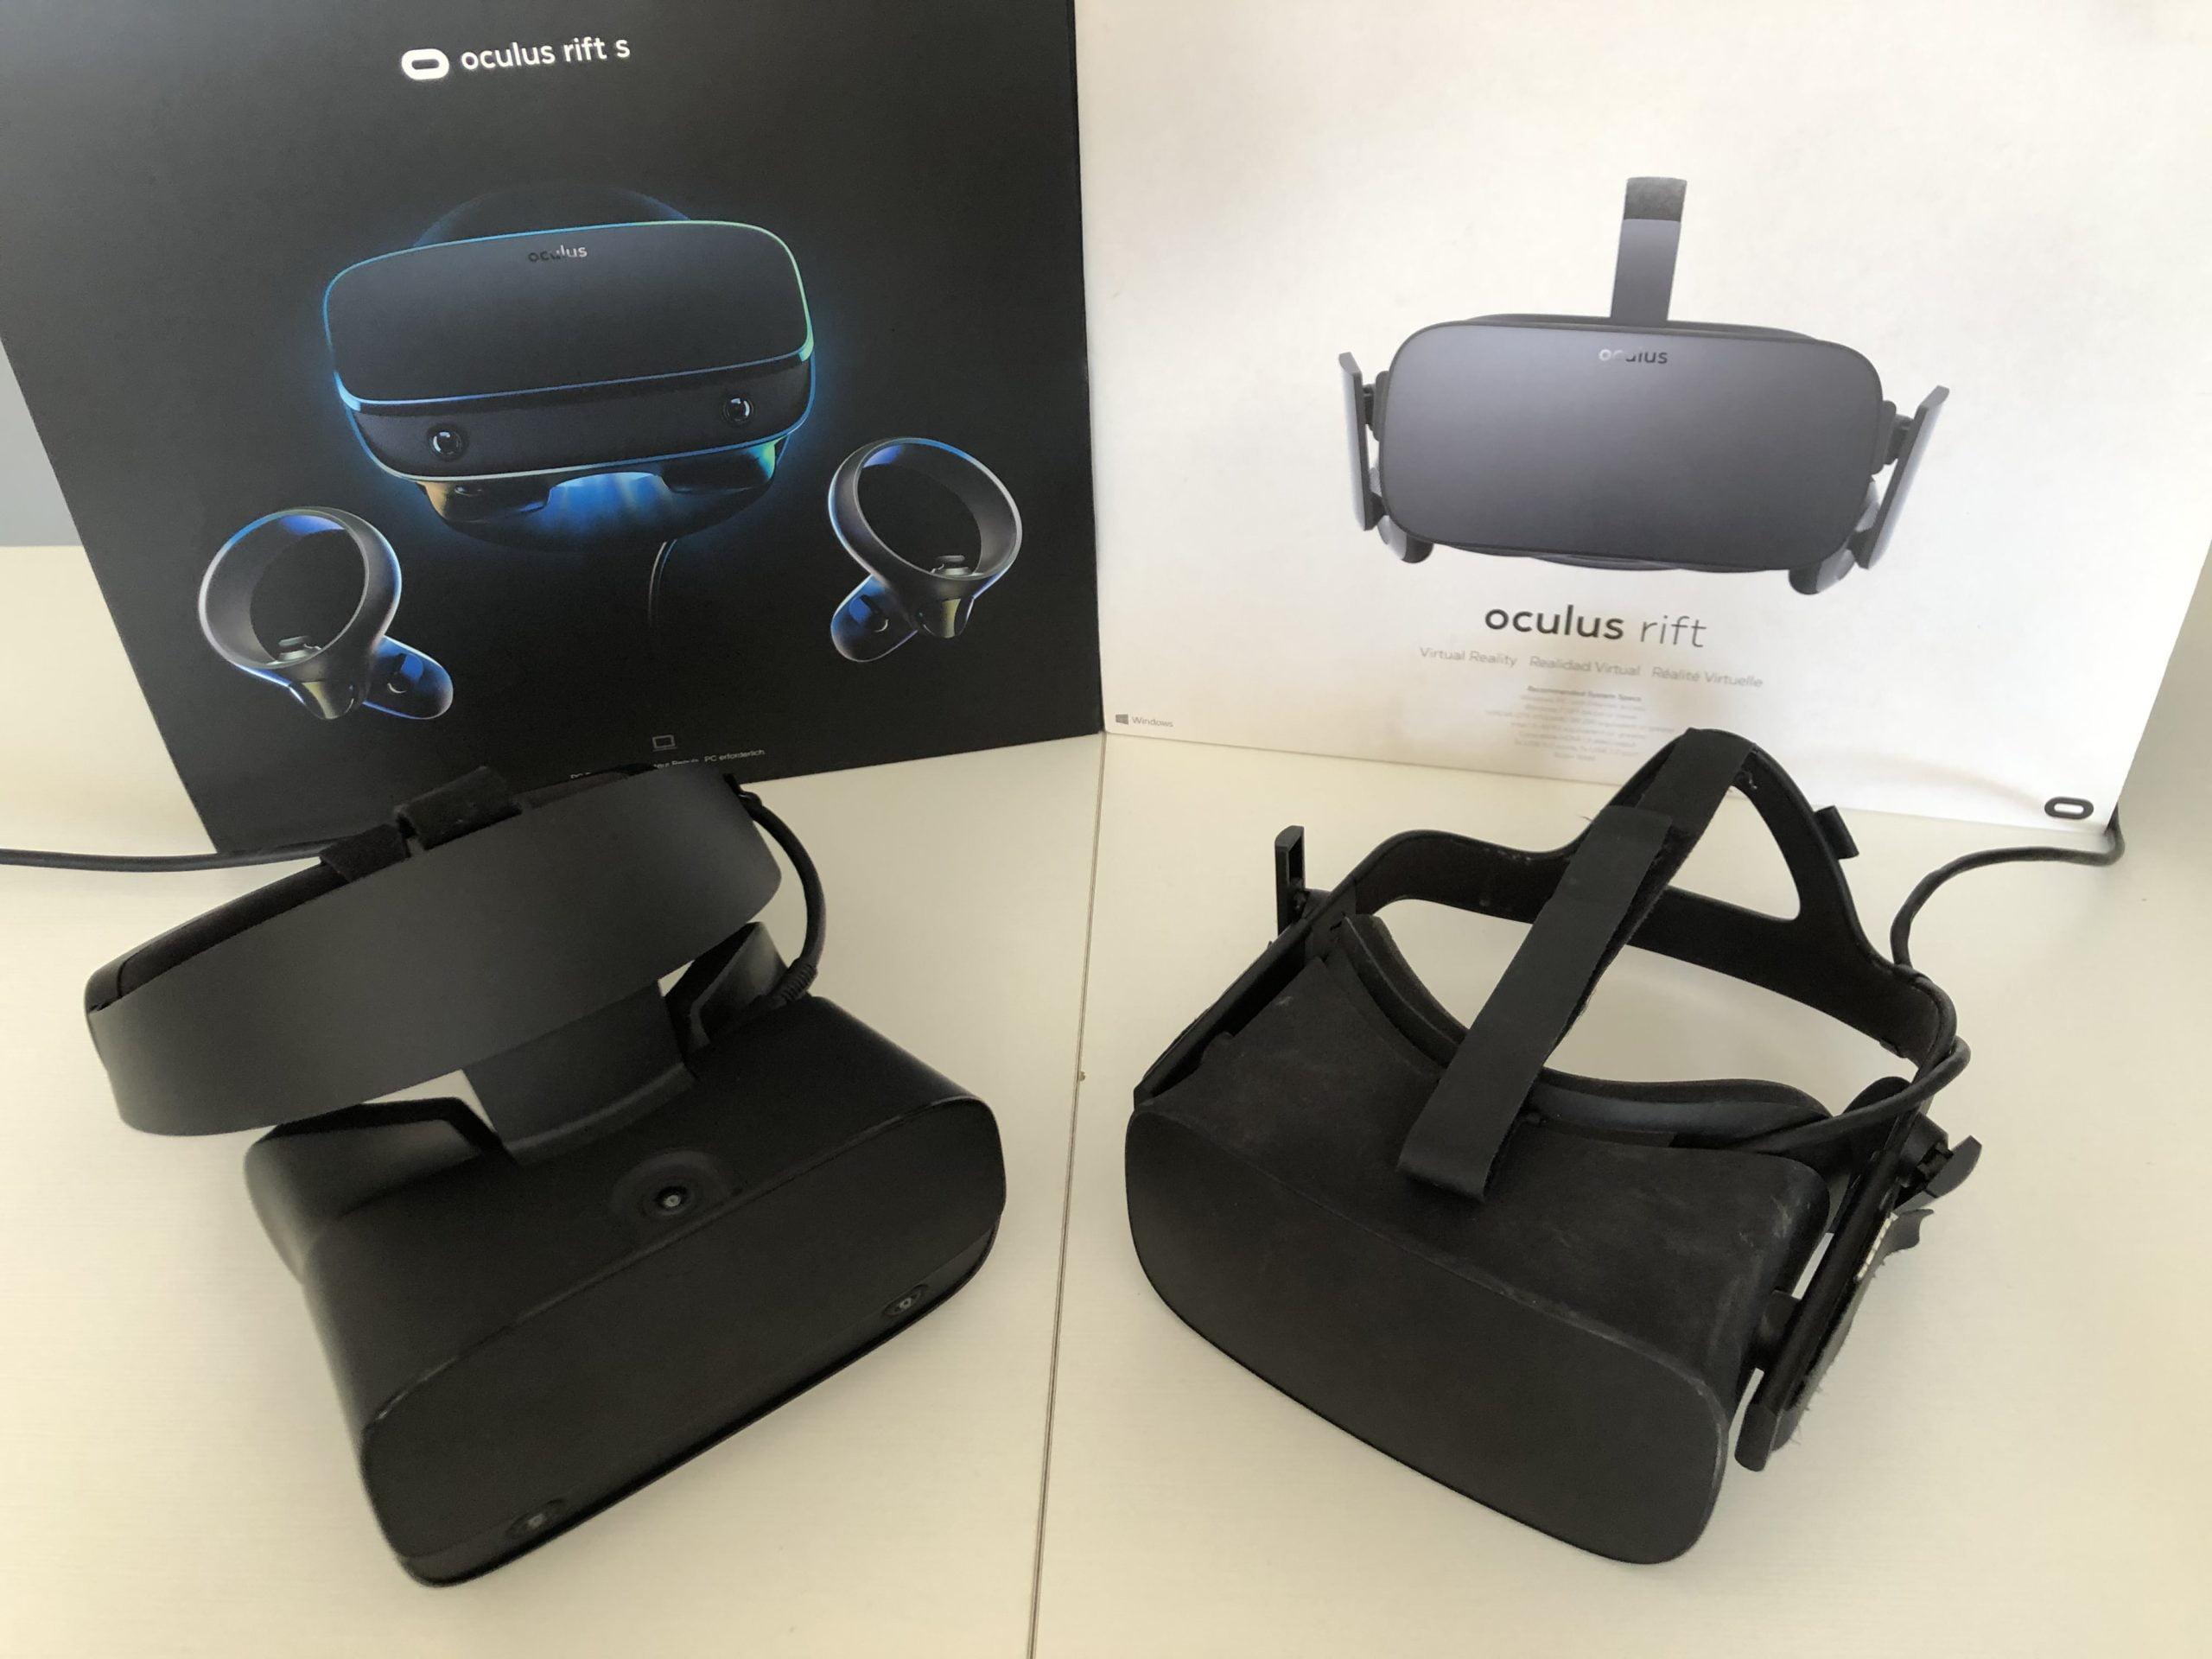 Oculus Rift S Test 1 Original Rift